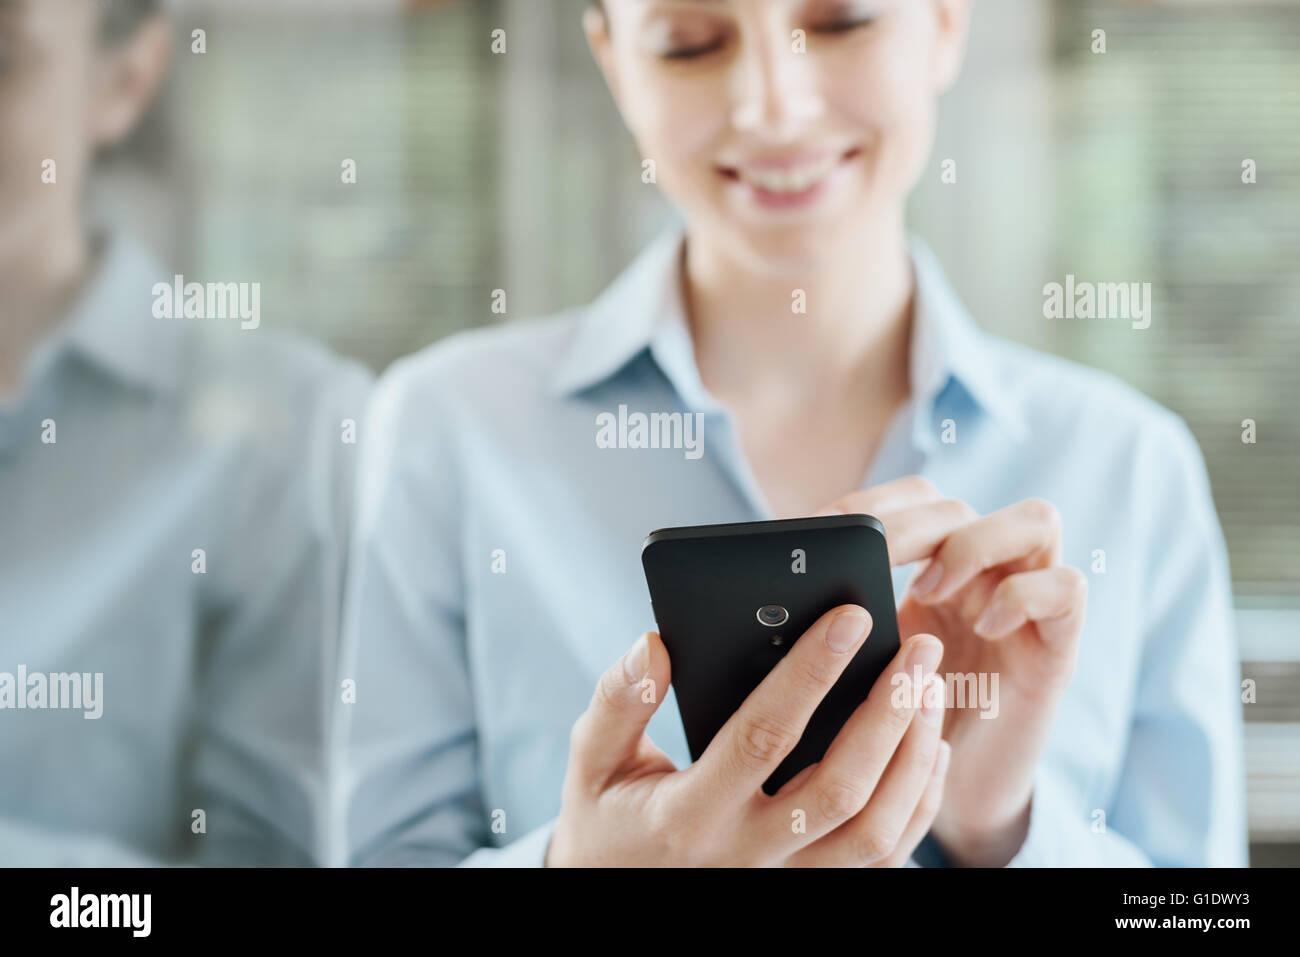 Bella sorridente giovane donna utilizzando uno smart phone, poggiando su una finestra e la riflessione sul vetro Immagini Stock